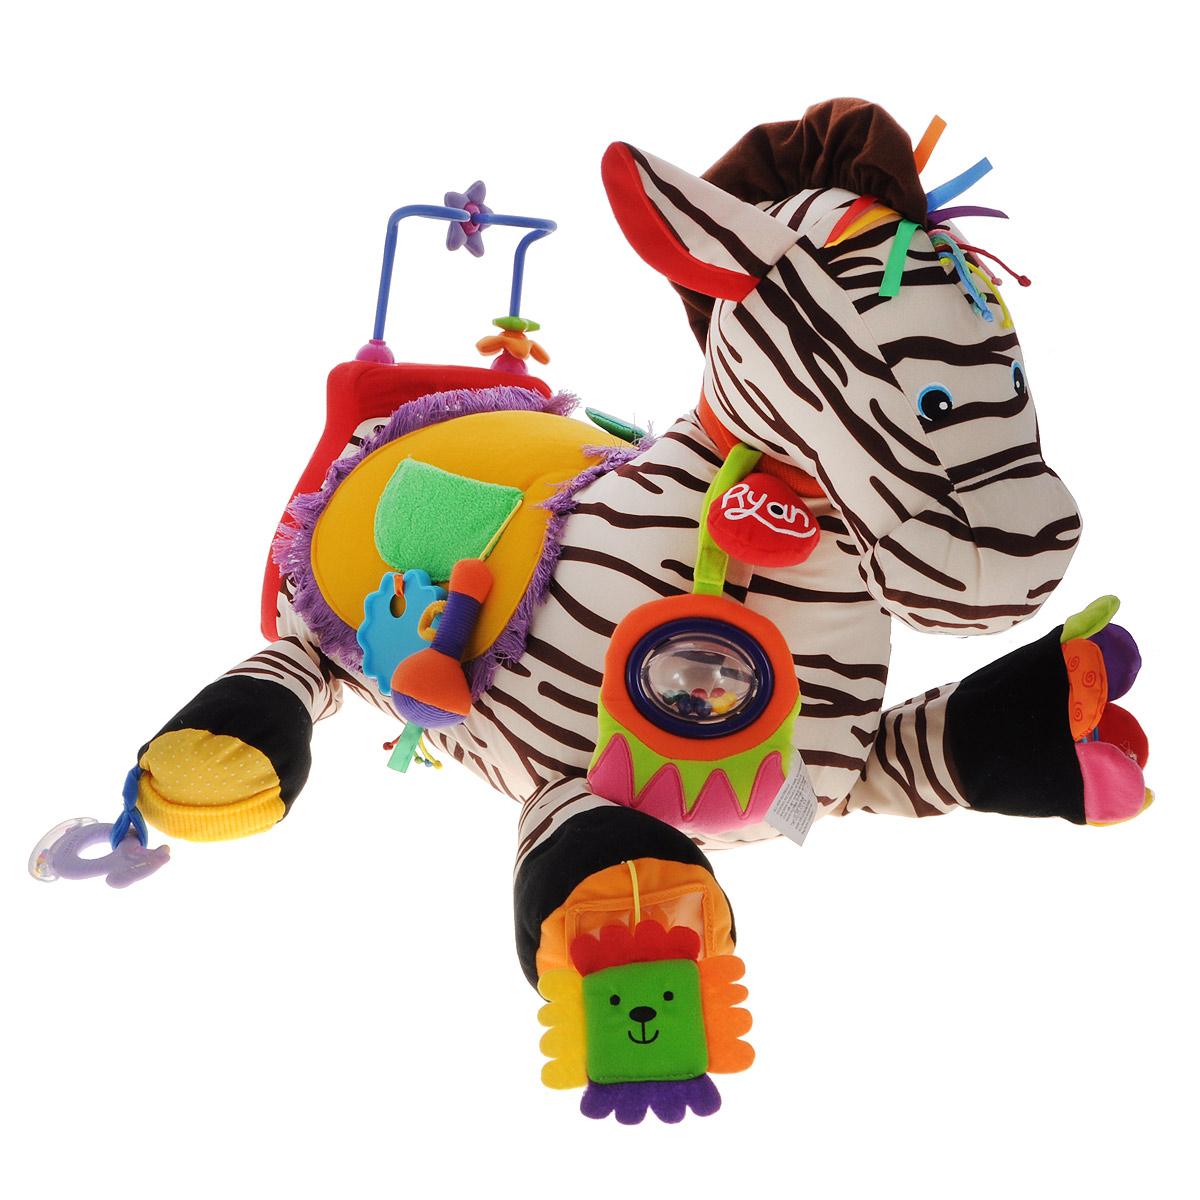 Развивающая игрушка K'S Kids Зебра 28, со звуковыми эффектами k s kids игровой набор зебра 28 с 6 месяцев